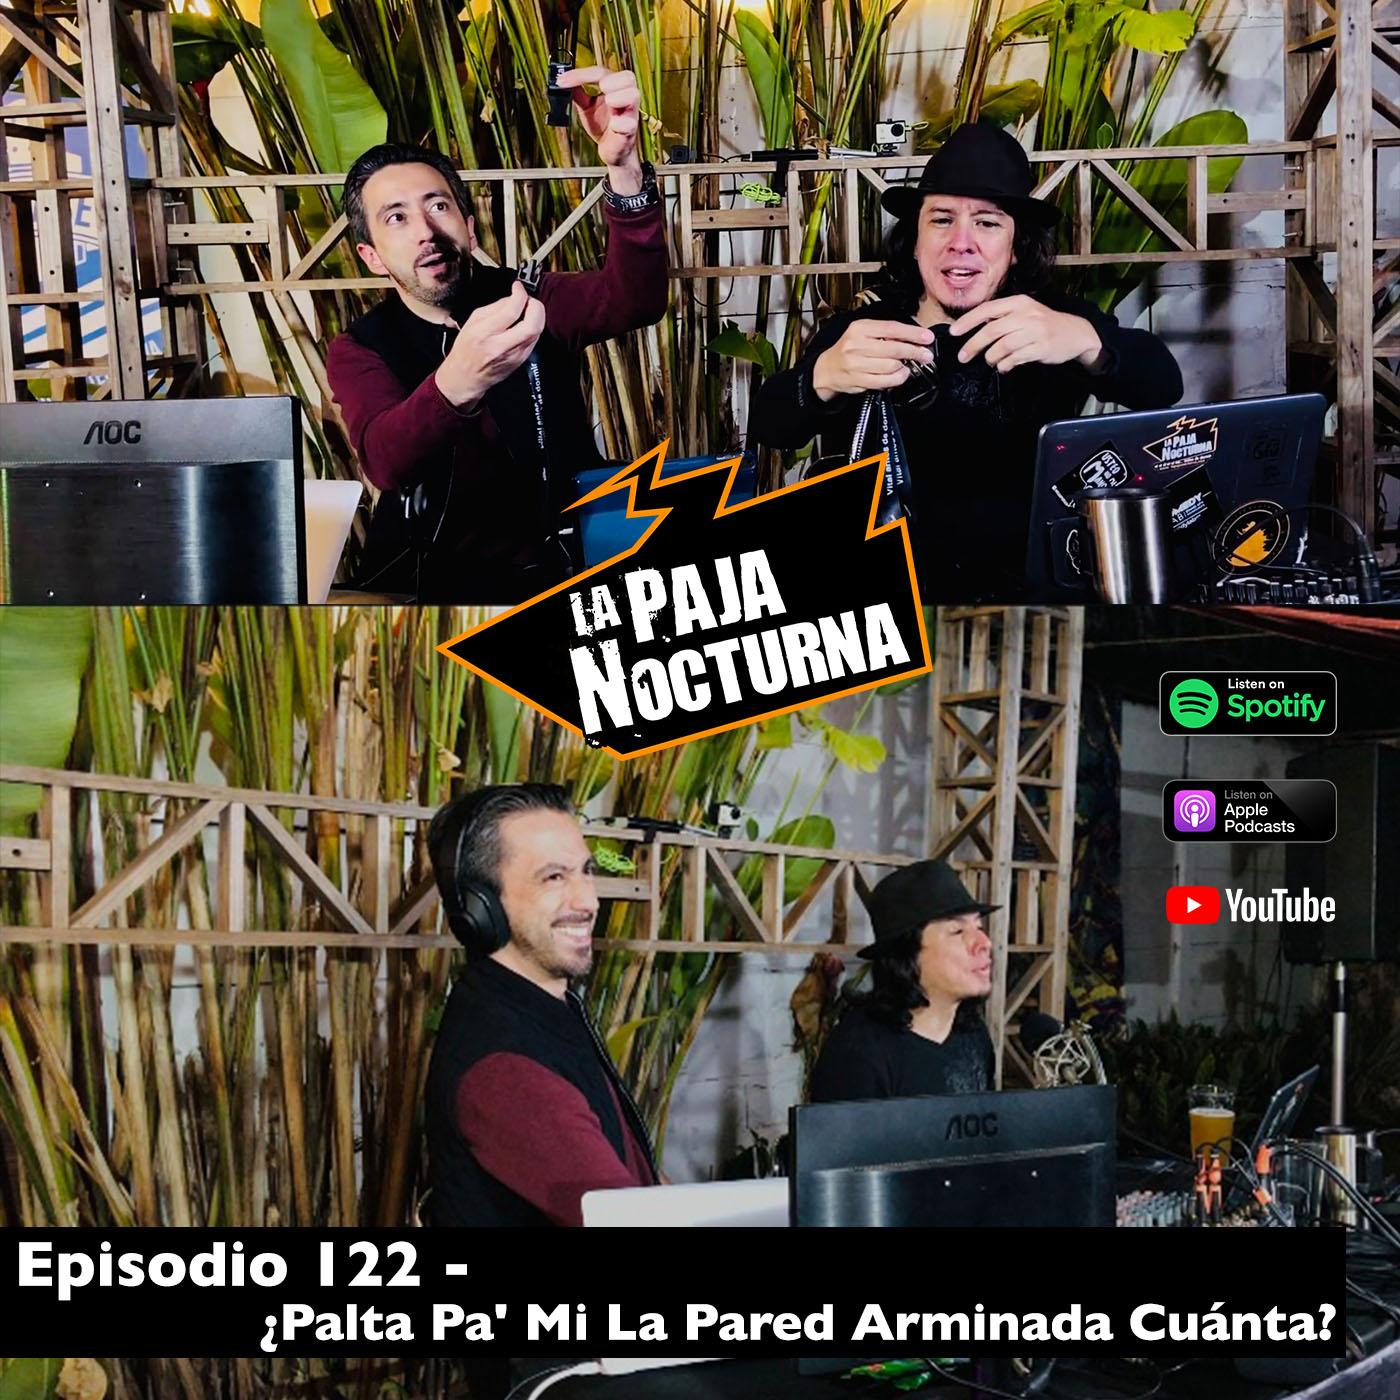 La paja nocturna podcast Episodio 122